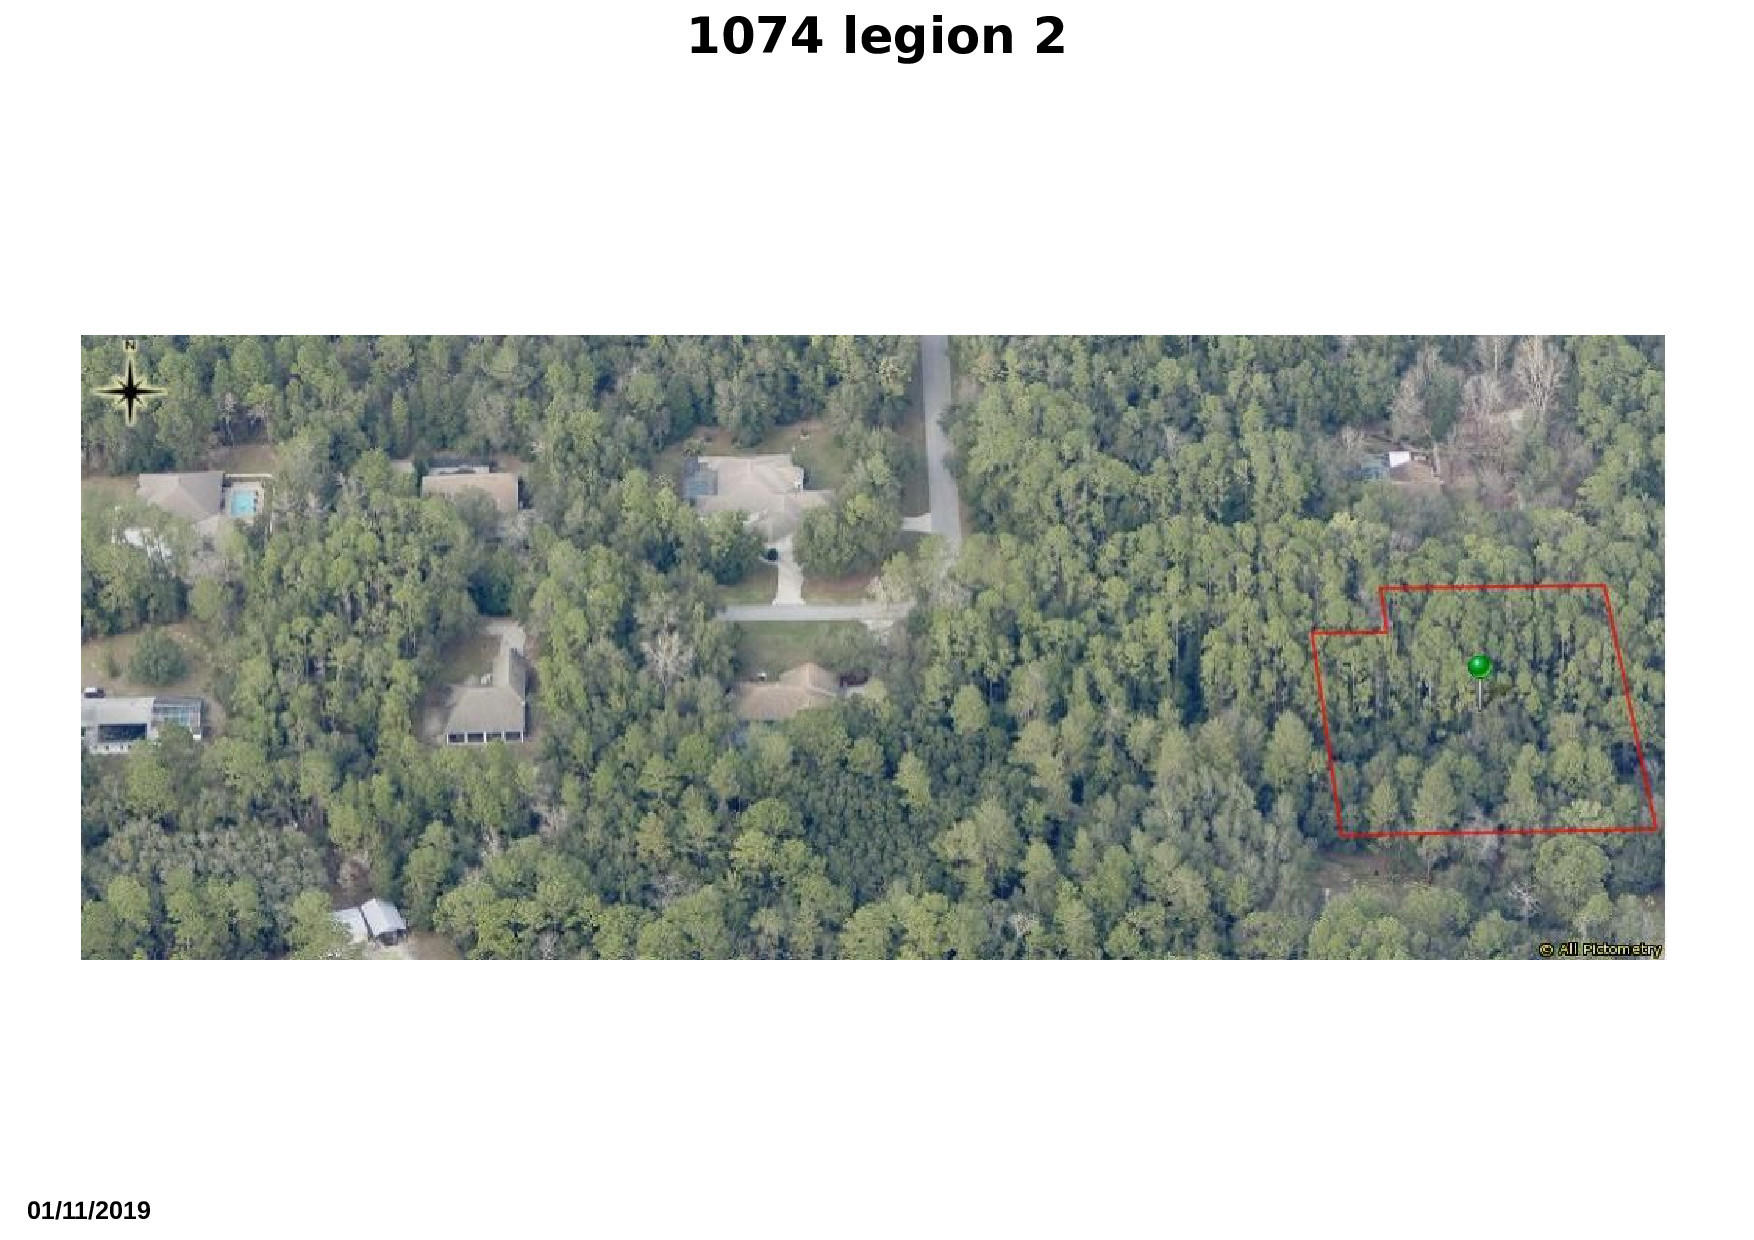 1074 legion 2